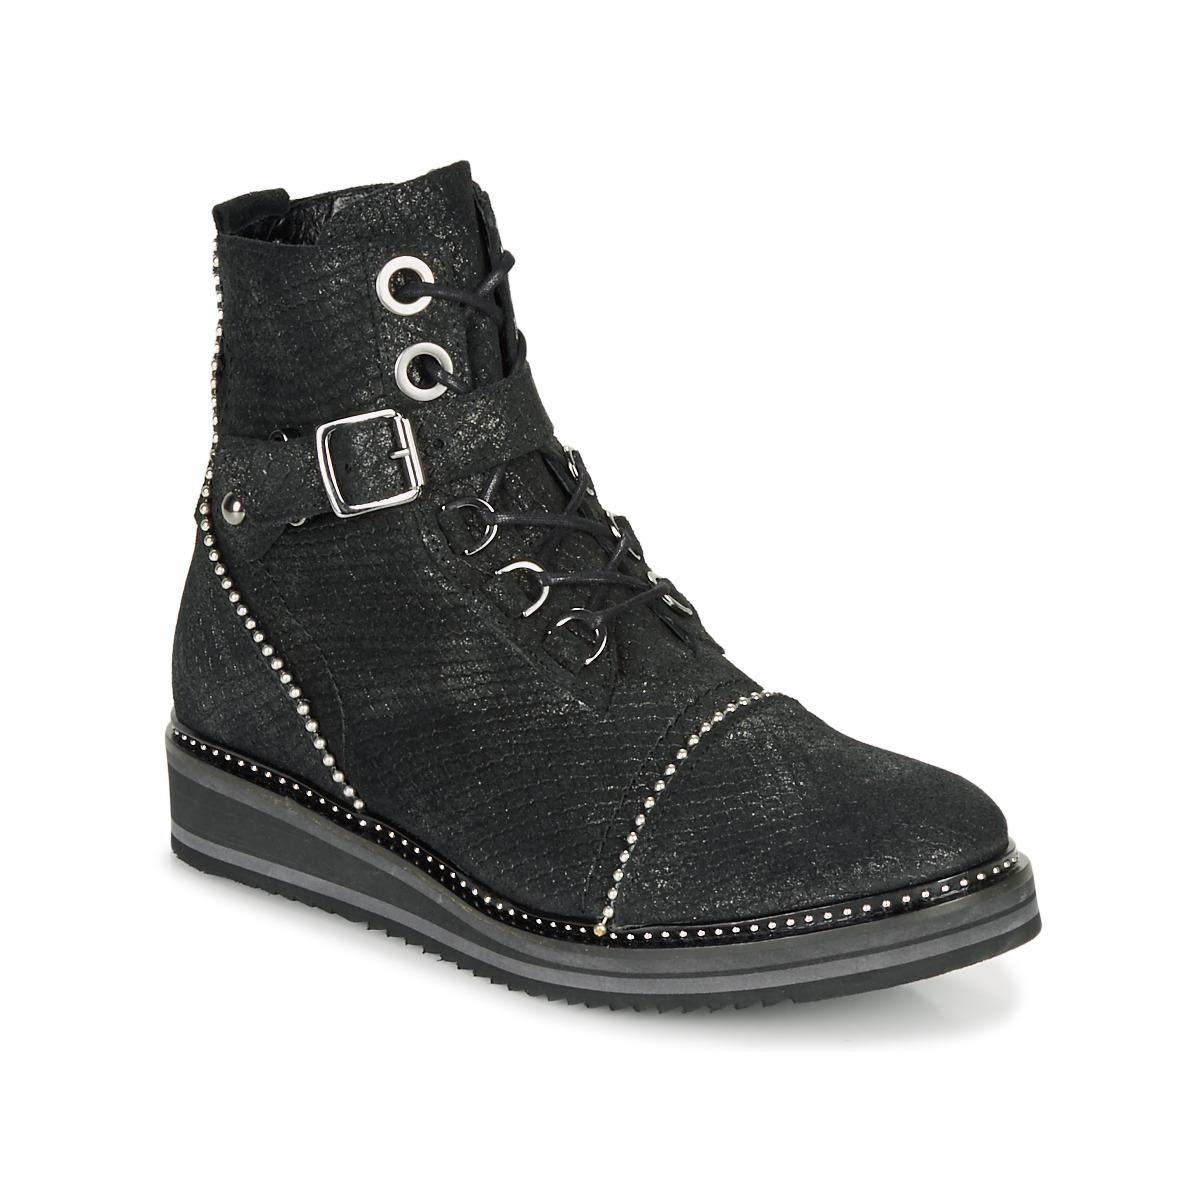 Støvler Regard  ROCTALY V2 CRTE SERPENTE SHABE